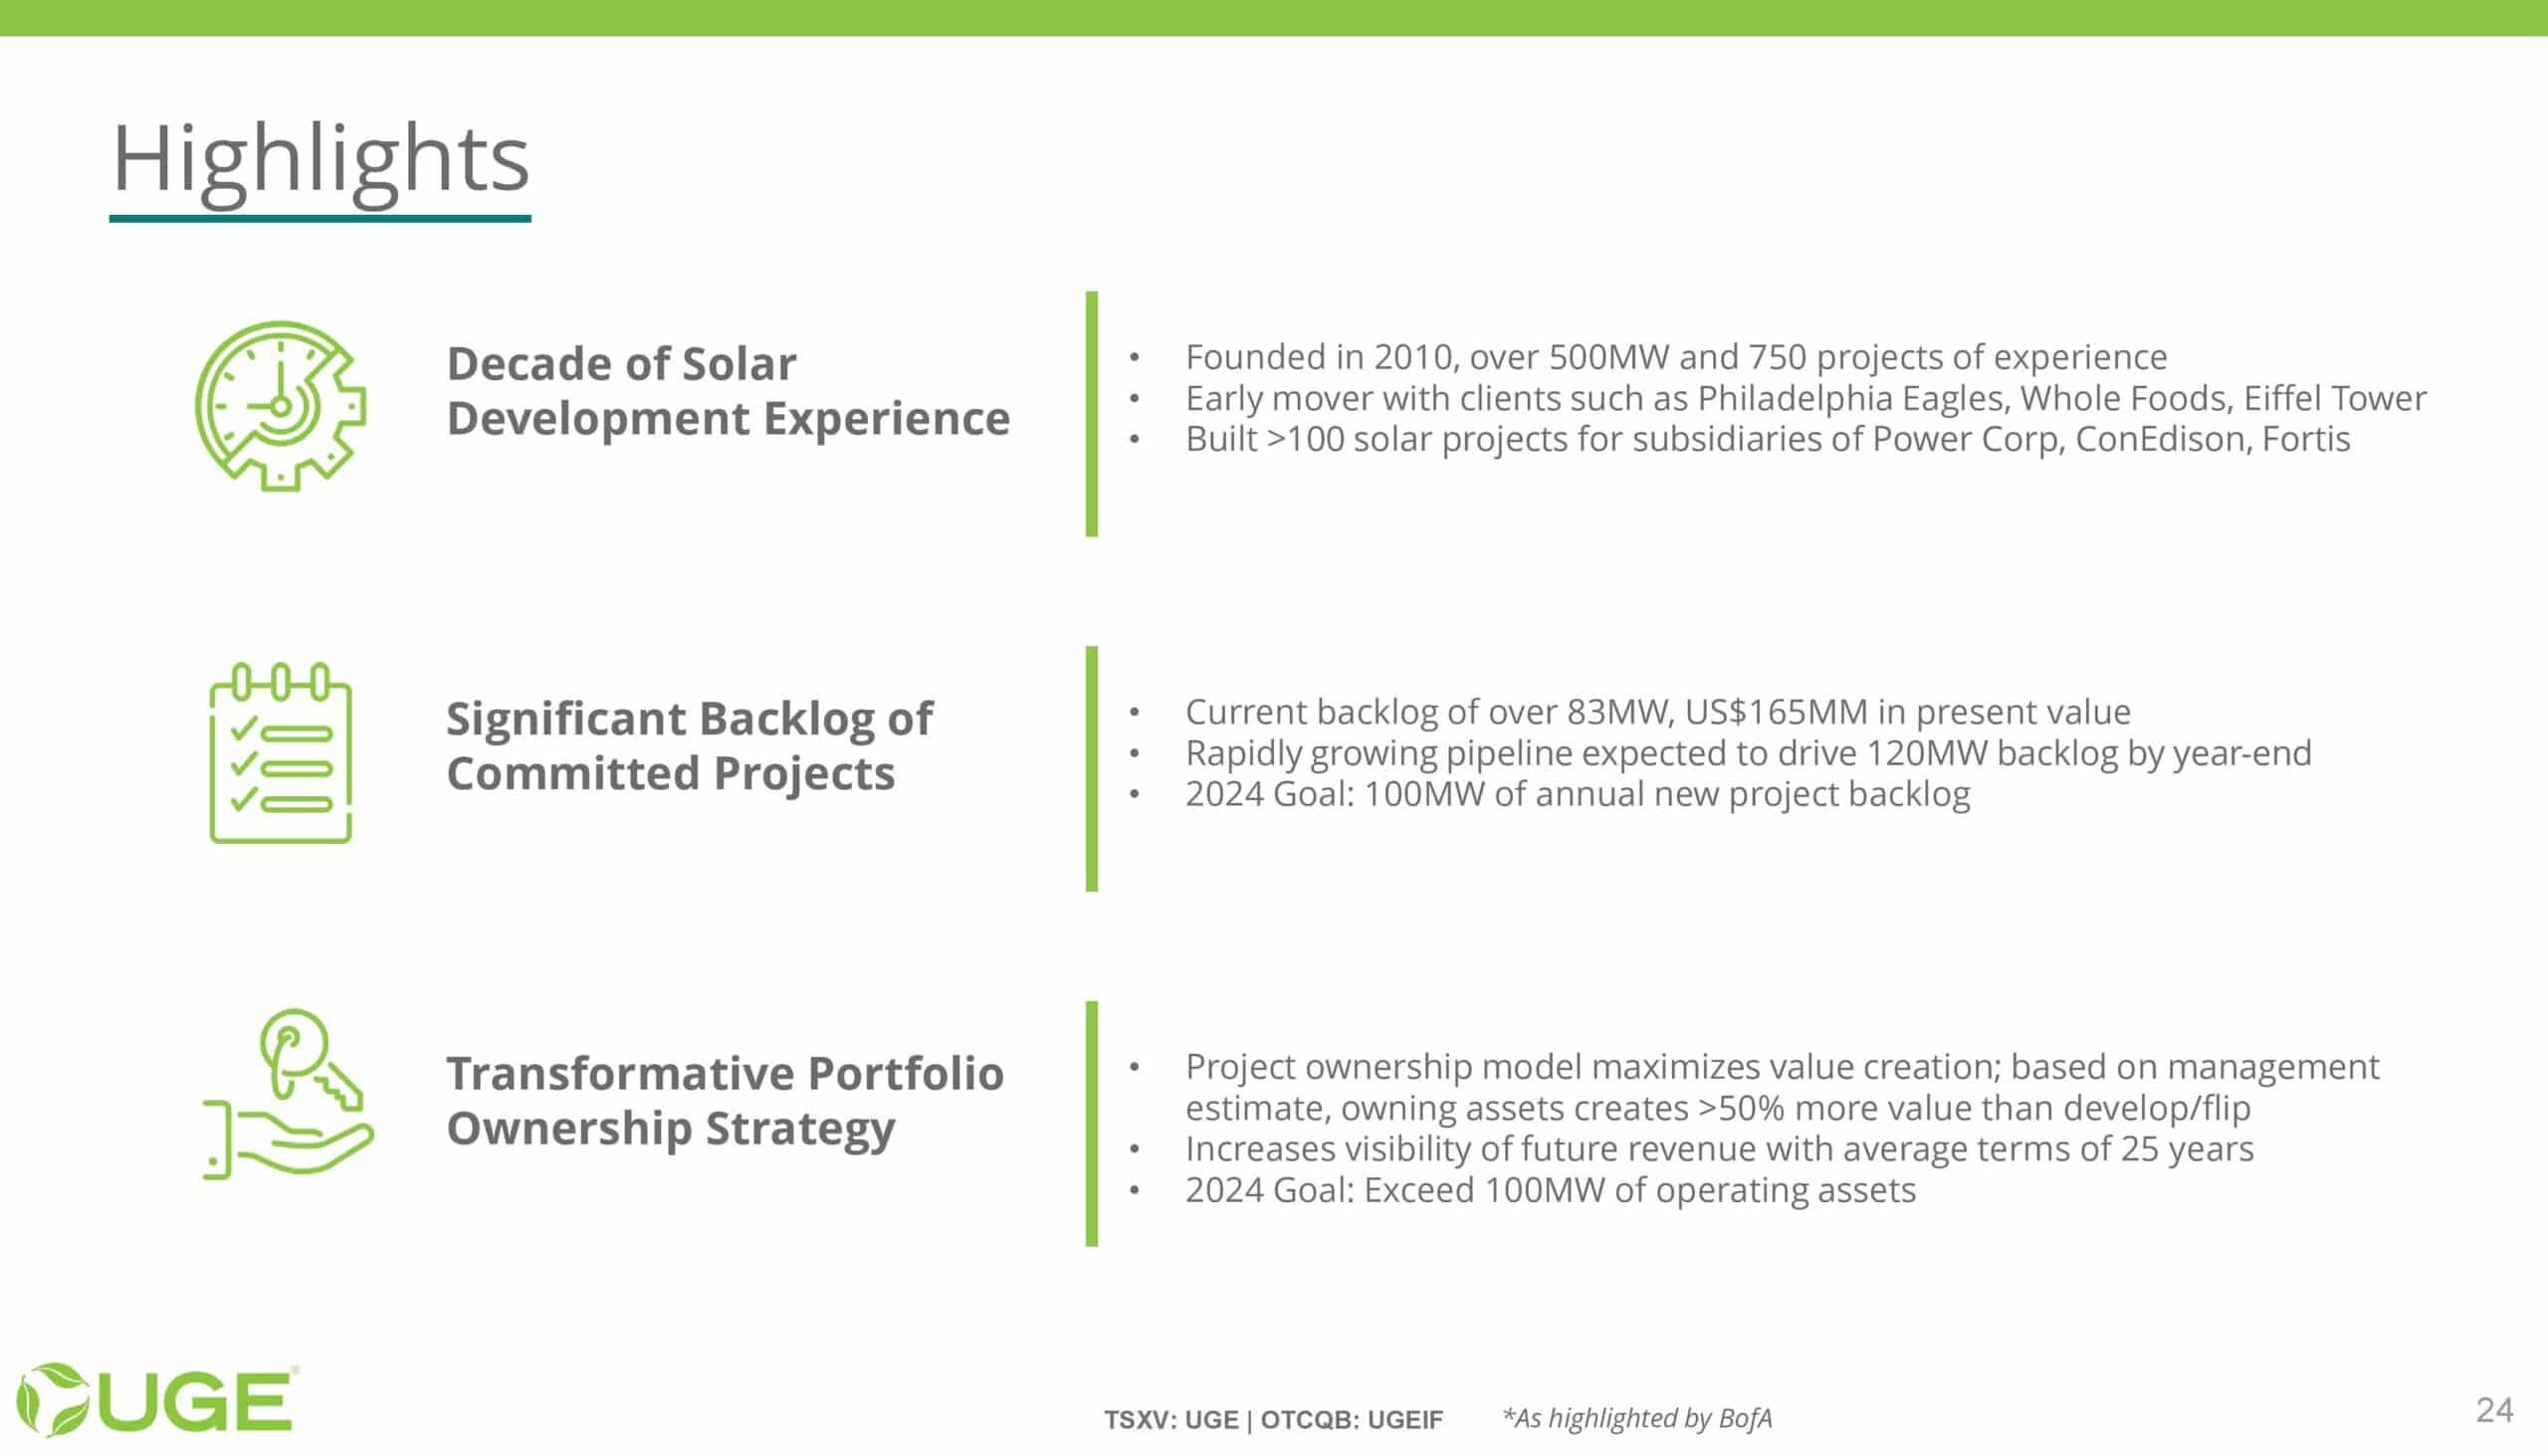 UGE Investor Presentation - 20211001-page-023